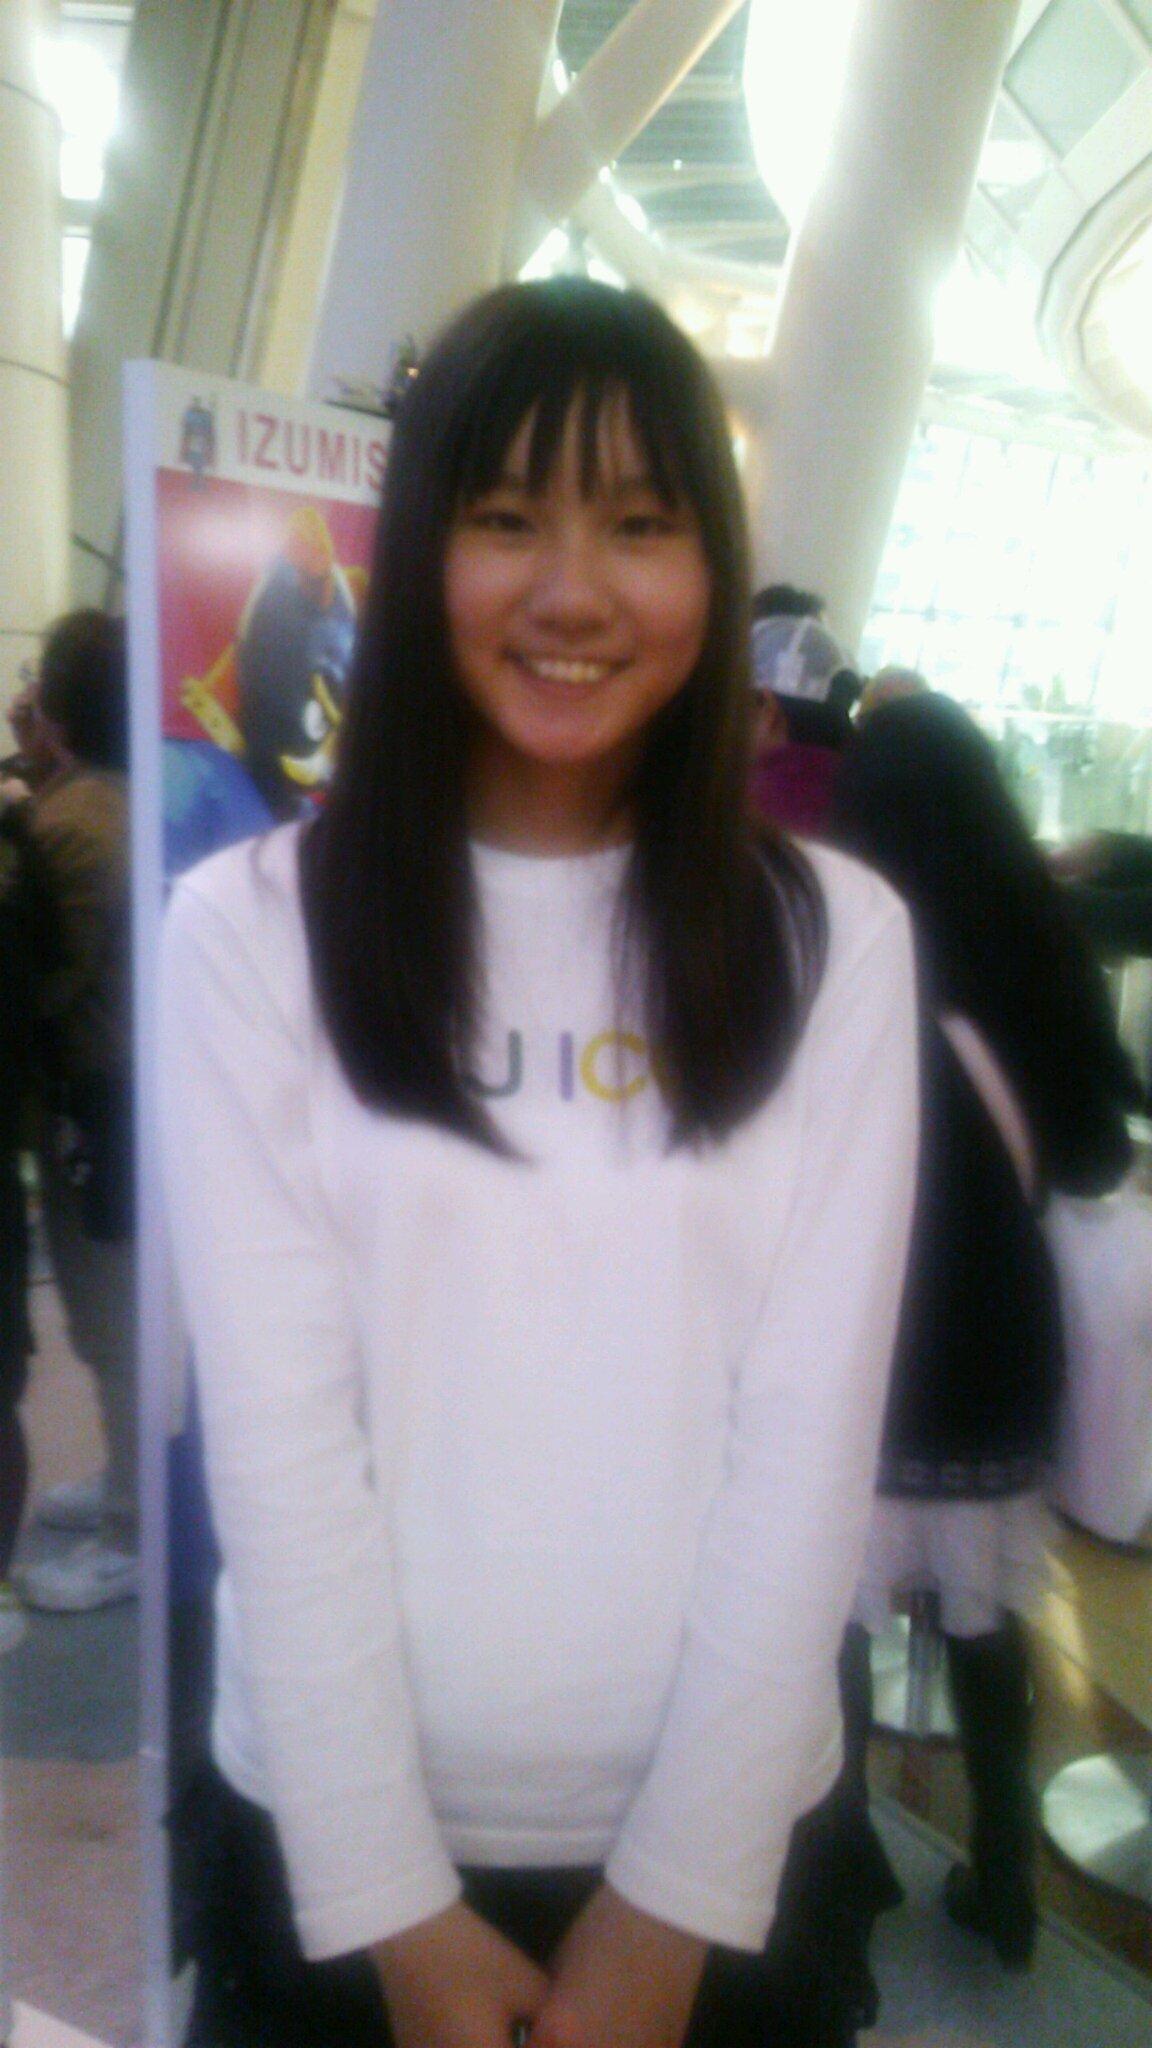 yukikax jc 楽天ブログ - 楽天市場